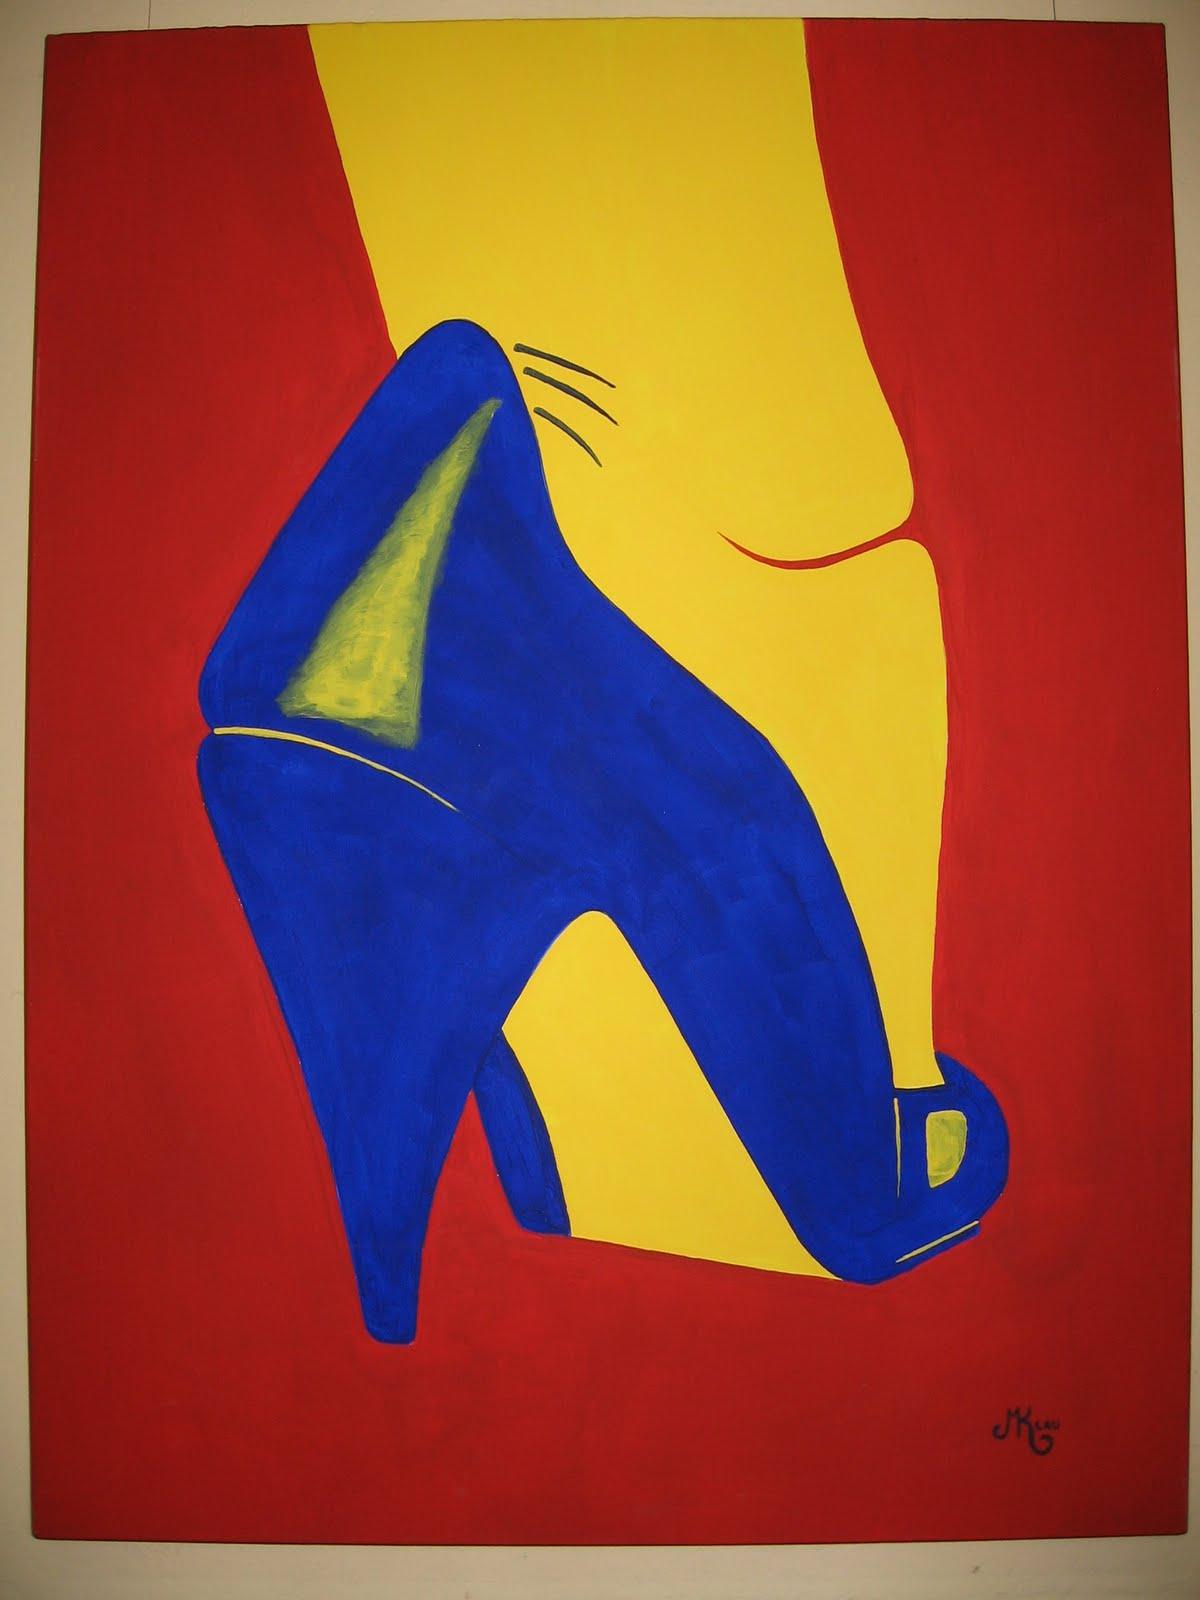 Givoa pinturas a expertizar de los alumnos de artes visuales de la umsa - Nombres de colores de pinturas ...